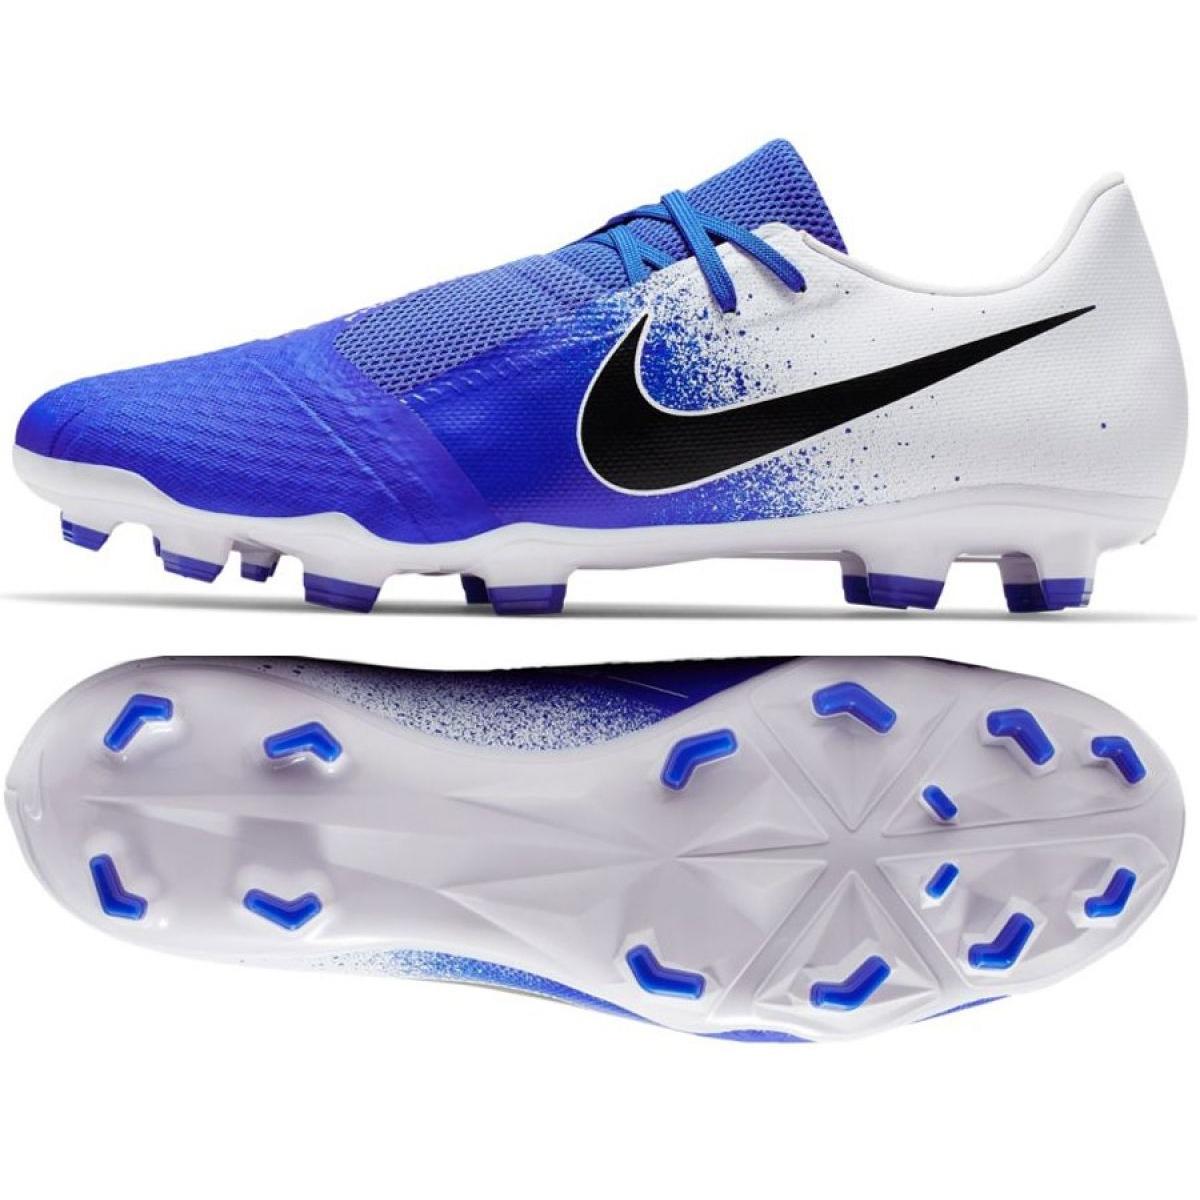 Zapatos de fútbol Nike Phantom Venom Academy Fg M AO0566 104